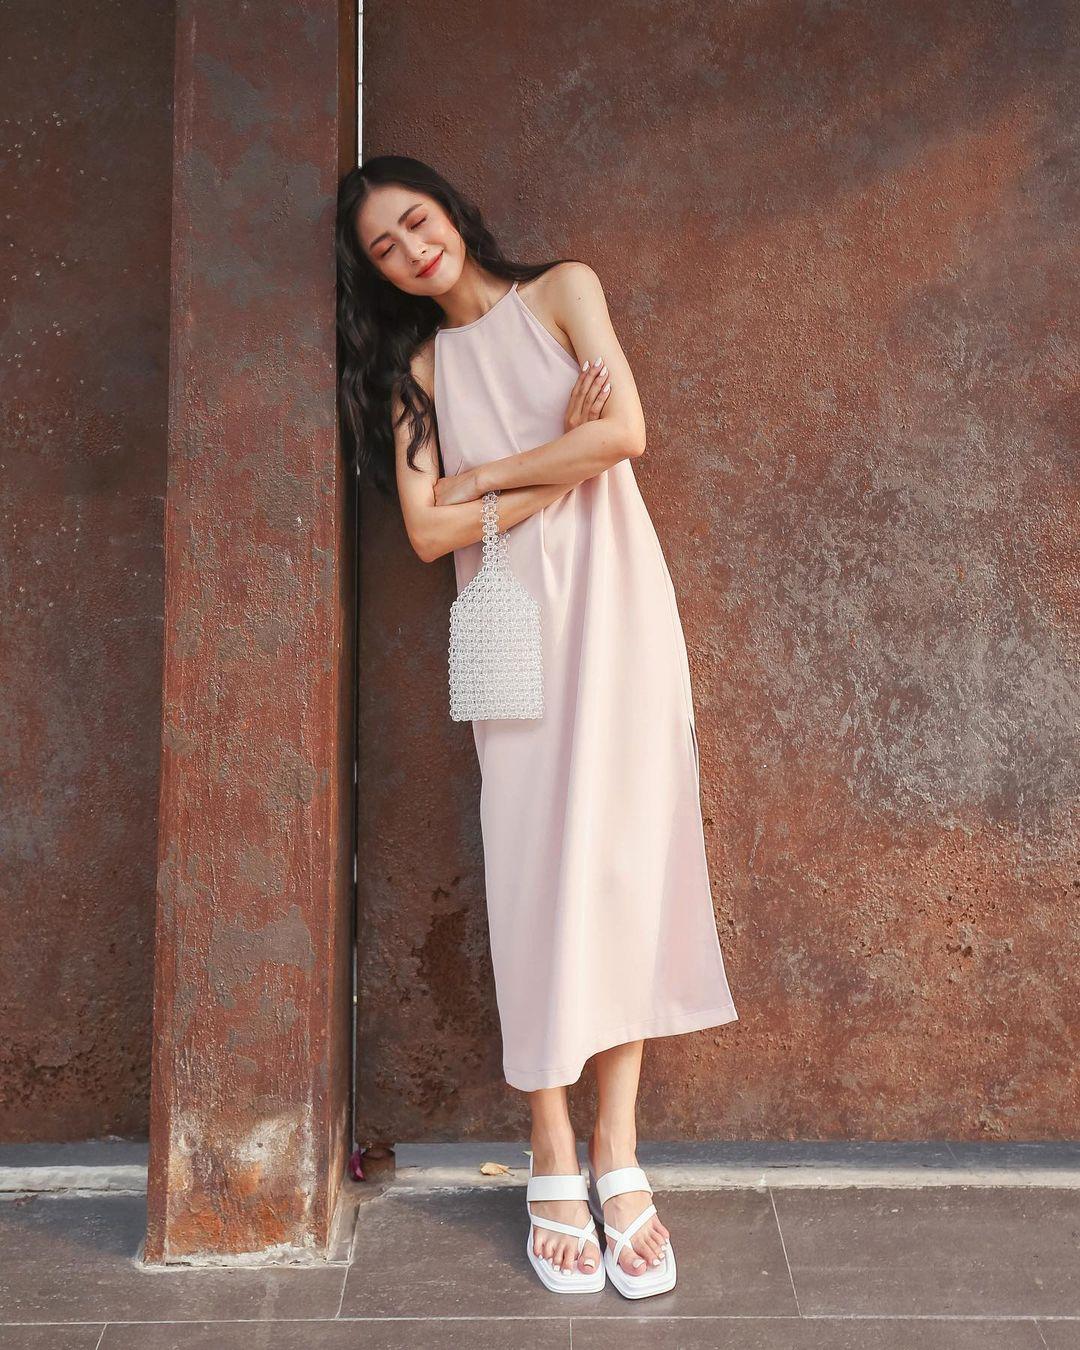 Hà Hồ diện váy Zara 1,3 triệu sang quá nhưng nếu thấy đắt thì bạn có thể tăm tia nhiều kiểu hao hao giá chỉ 1/4 - Ảnh 10.